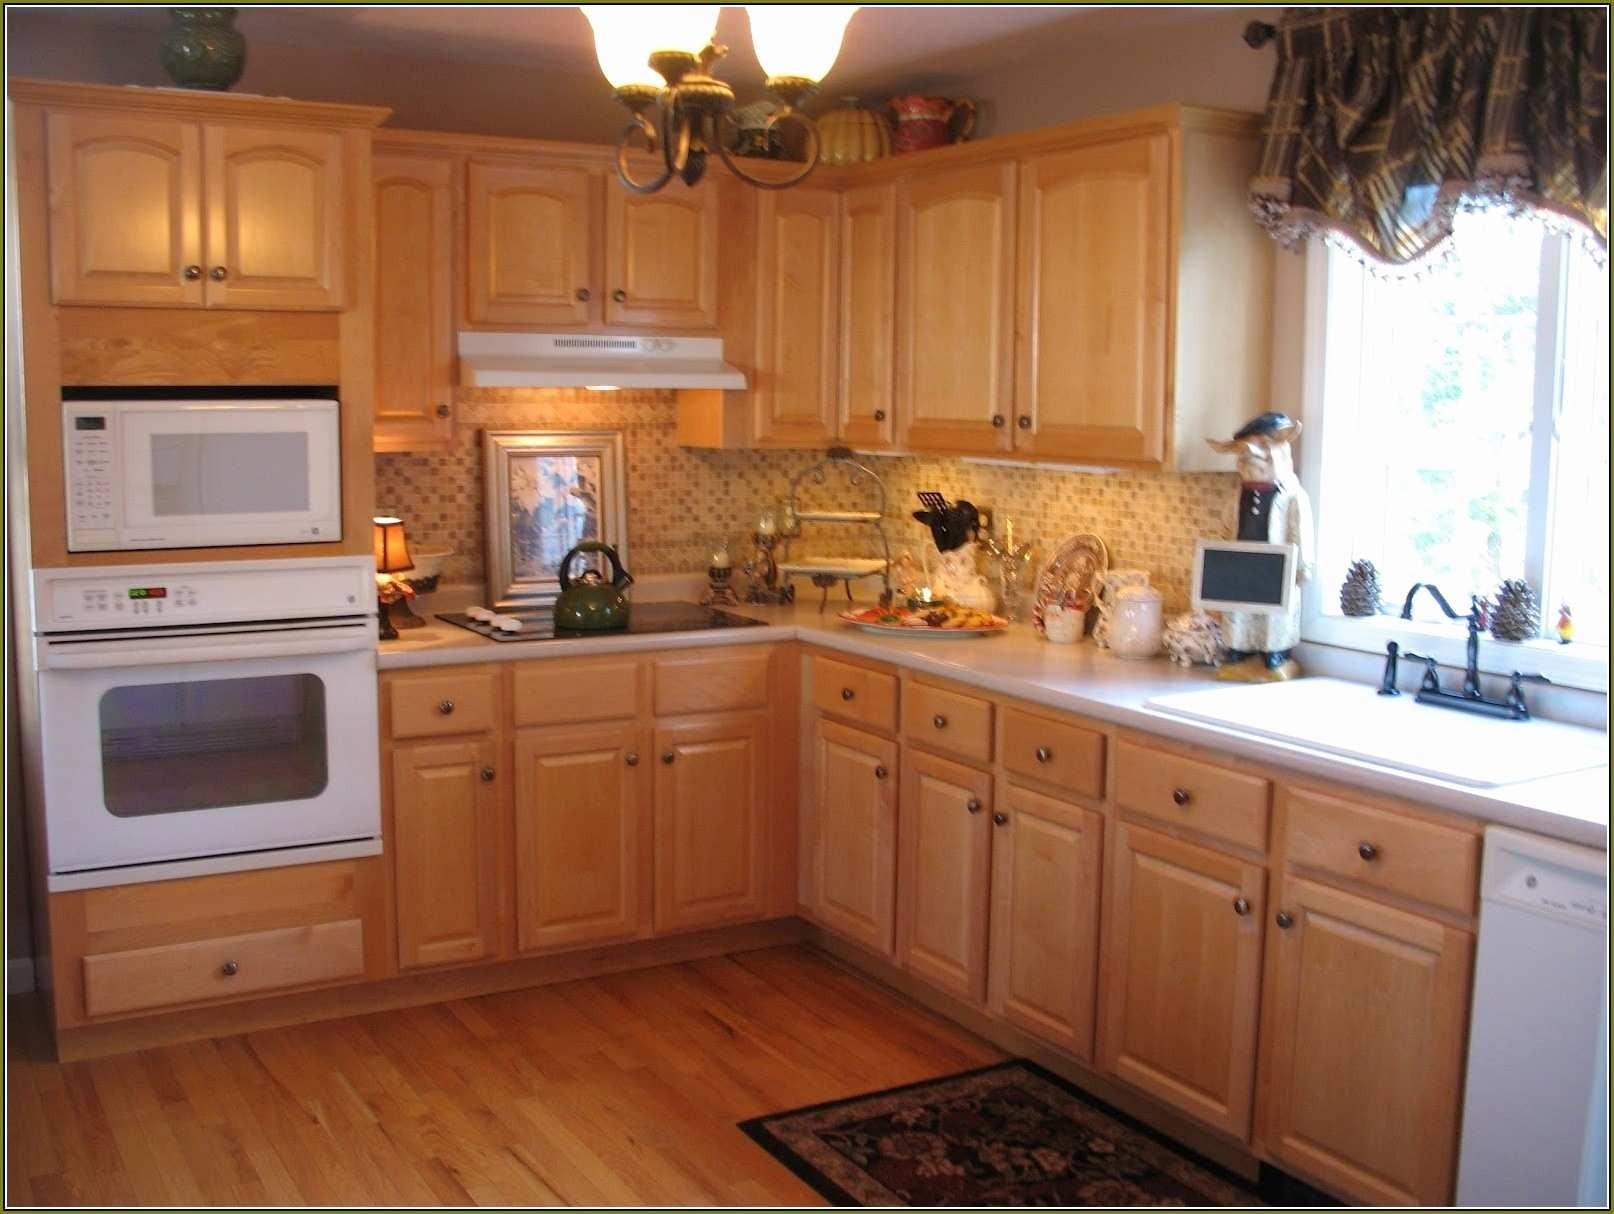 Lighting Kitchen Cabinets Beautiful Home Depot Unfinished Wood Kitchen Cabinets Base Cabinet with Oak